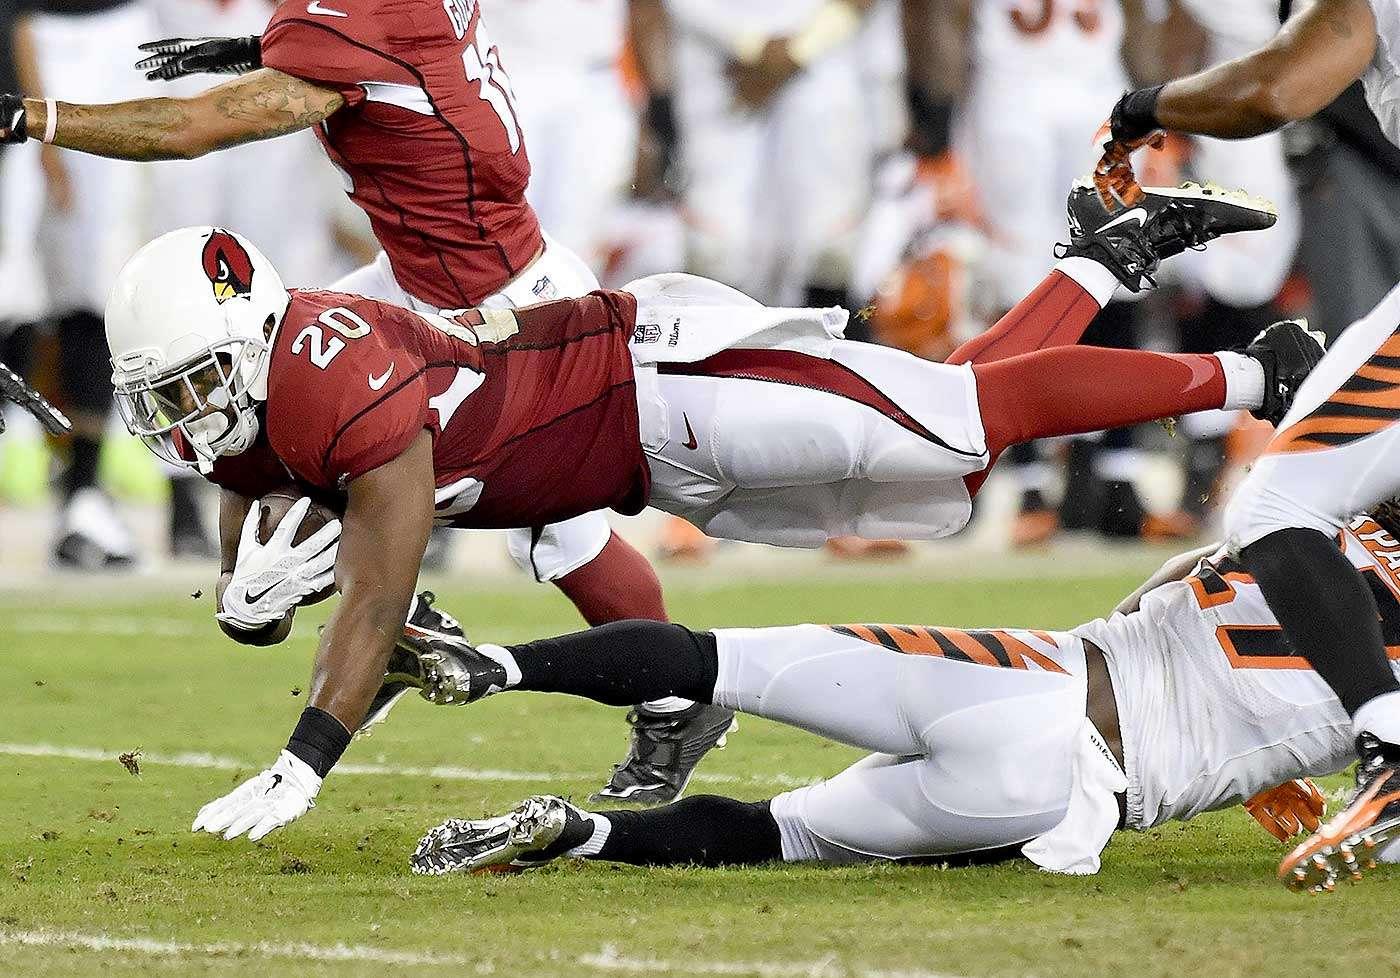 Jonathan Dwyer sumó 51 yardas y un touchdown en 16 acarreos en los dos partidos de esta temporada con los Arizona Cardinals. Foto: Christian Petersen/Getty Images